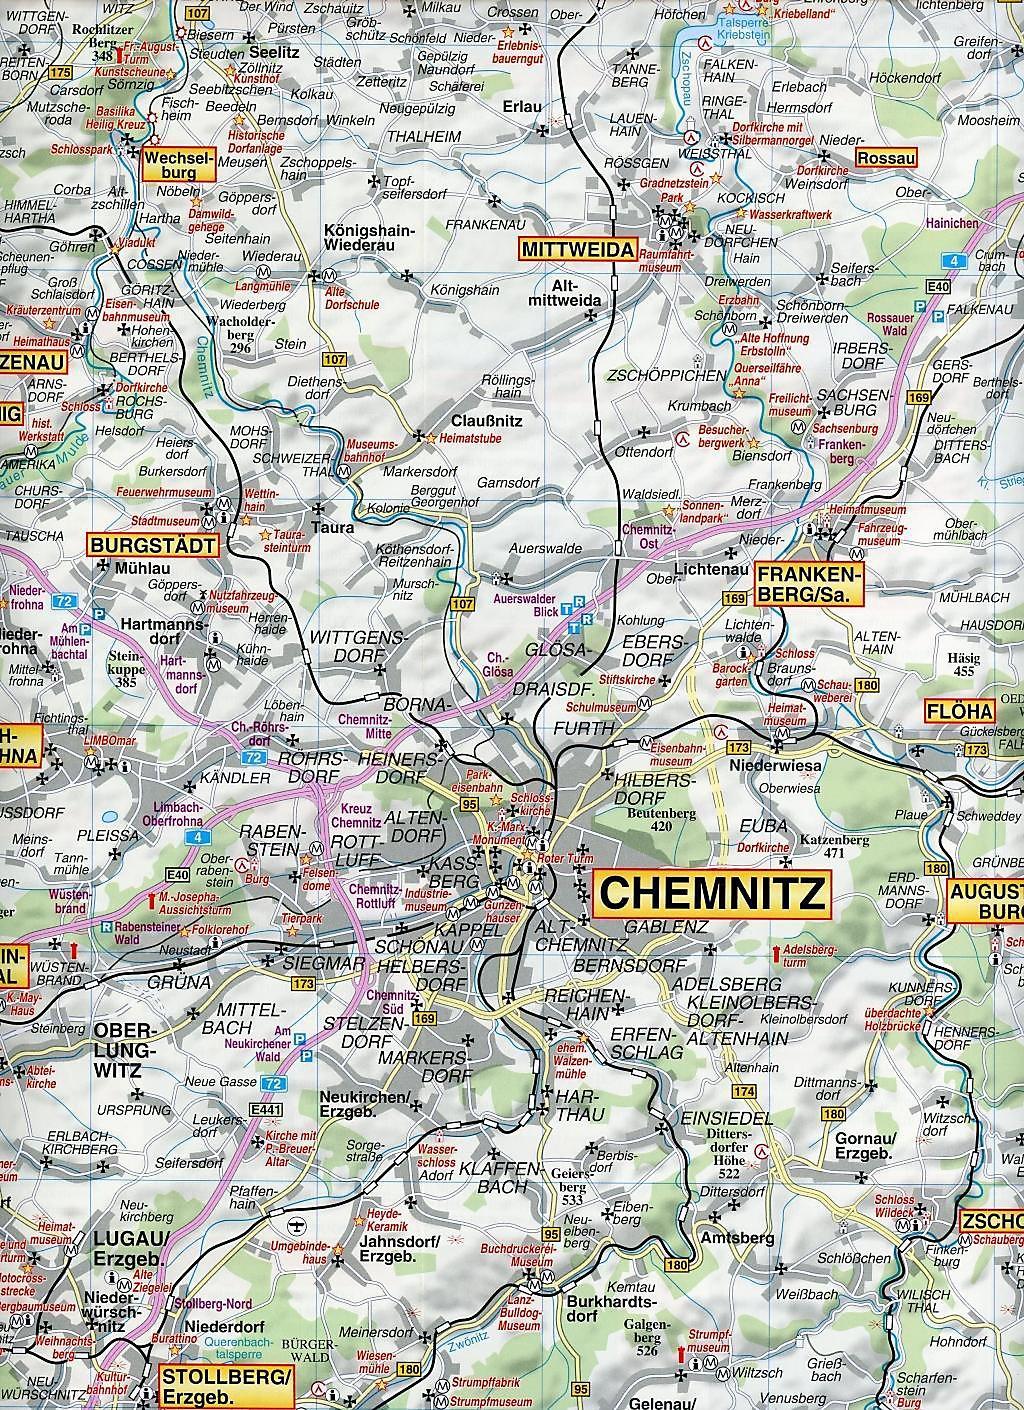 Chemnitz Karte.Doktor Barthel Karte Chemnitz Erzgebirge Und Umgebung Buch